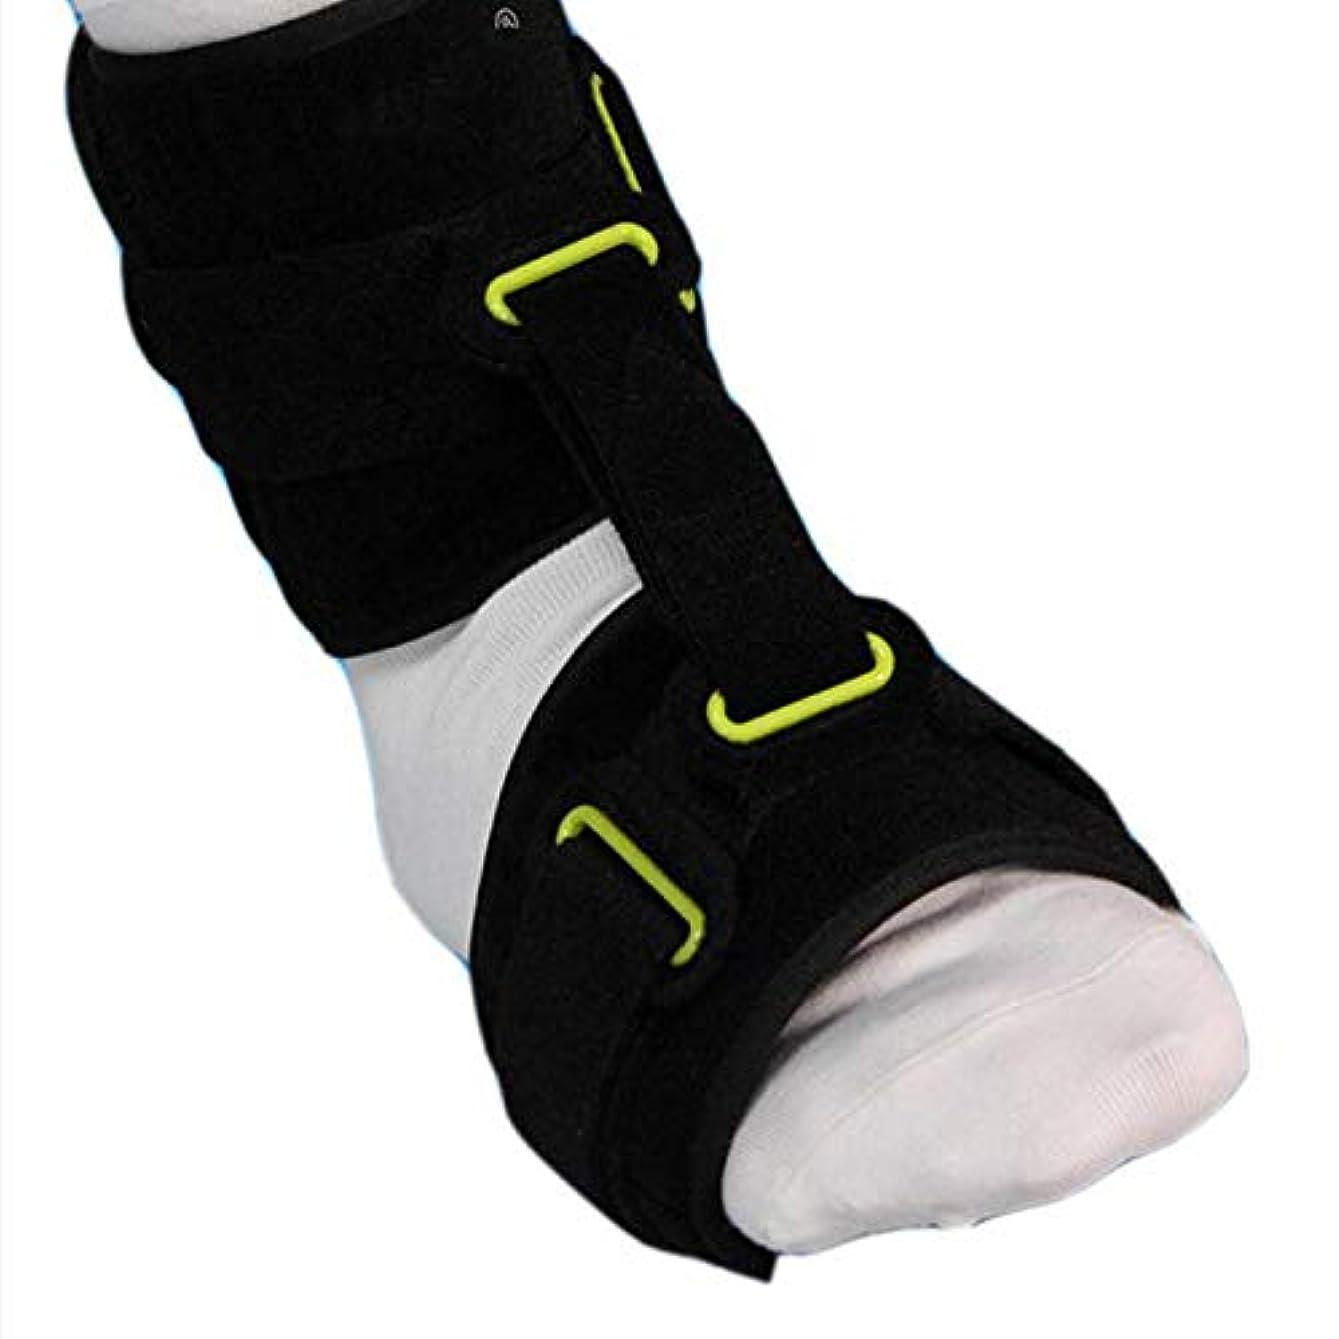 バッジジャニスジェム足首関節フットドロップ装具、調整可能な足首装具補正AFOが足底筋膜炎の昼と夜の副木装具をサポート